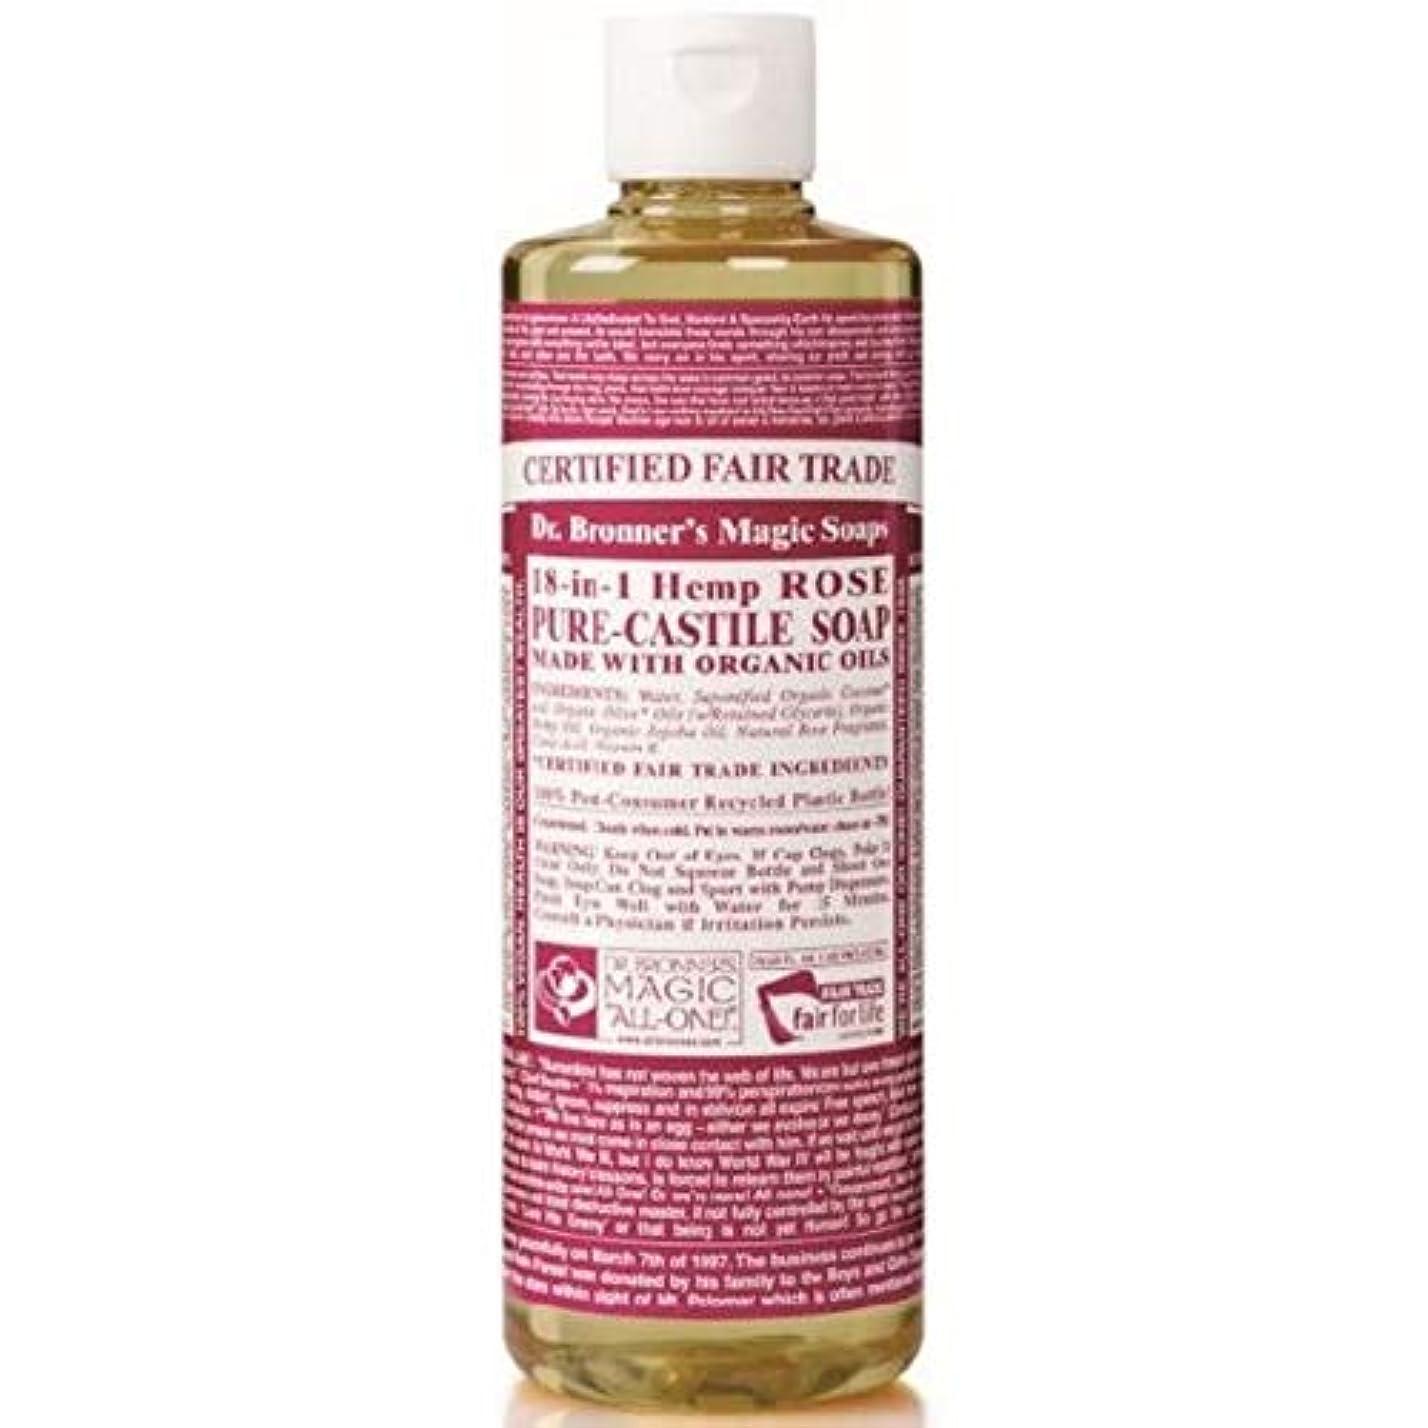 学校教育フォーカス困惑した[Dr Bronner] Dr。ブロナーズ有機バラカスティーリャ液体石鹸237ミリリットル - Dr. Bronner's Organic Rose Castile Liquid Soap 237ml [並行輸入品]